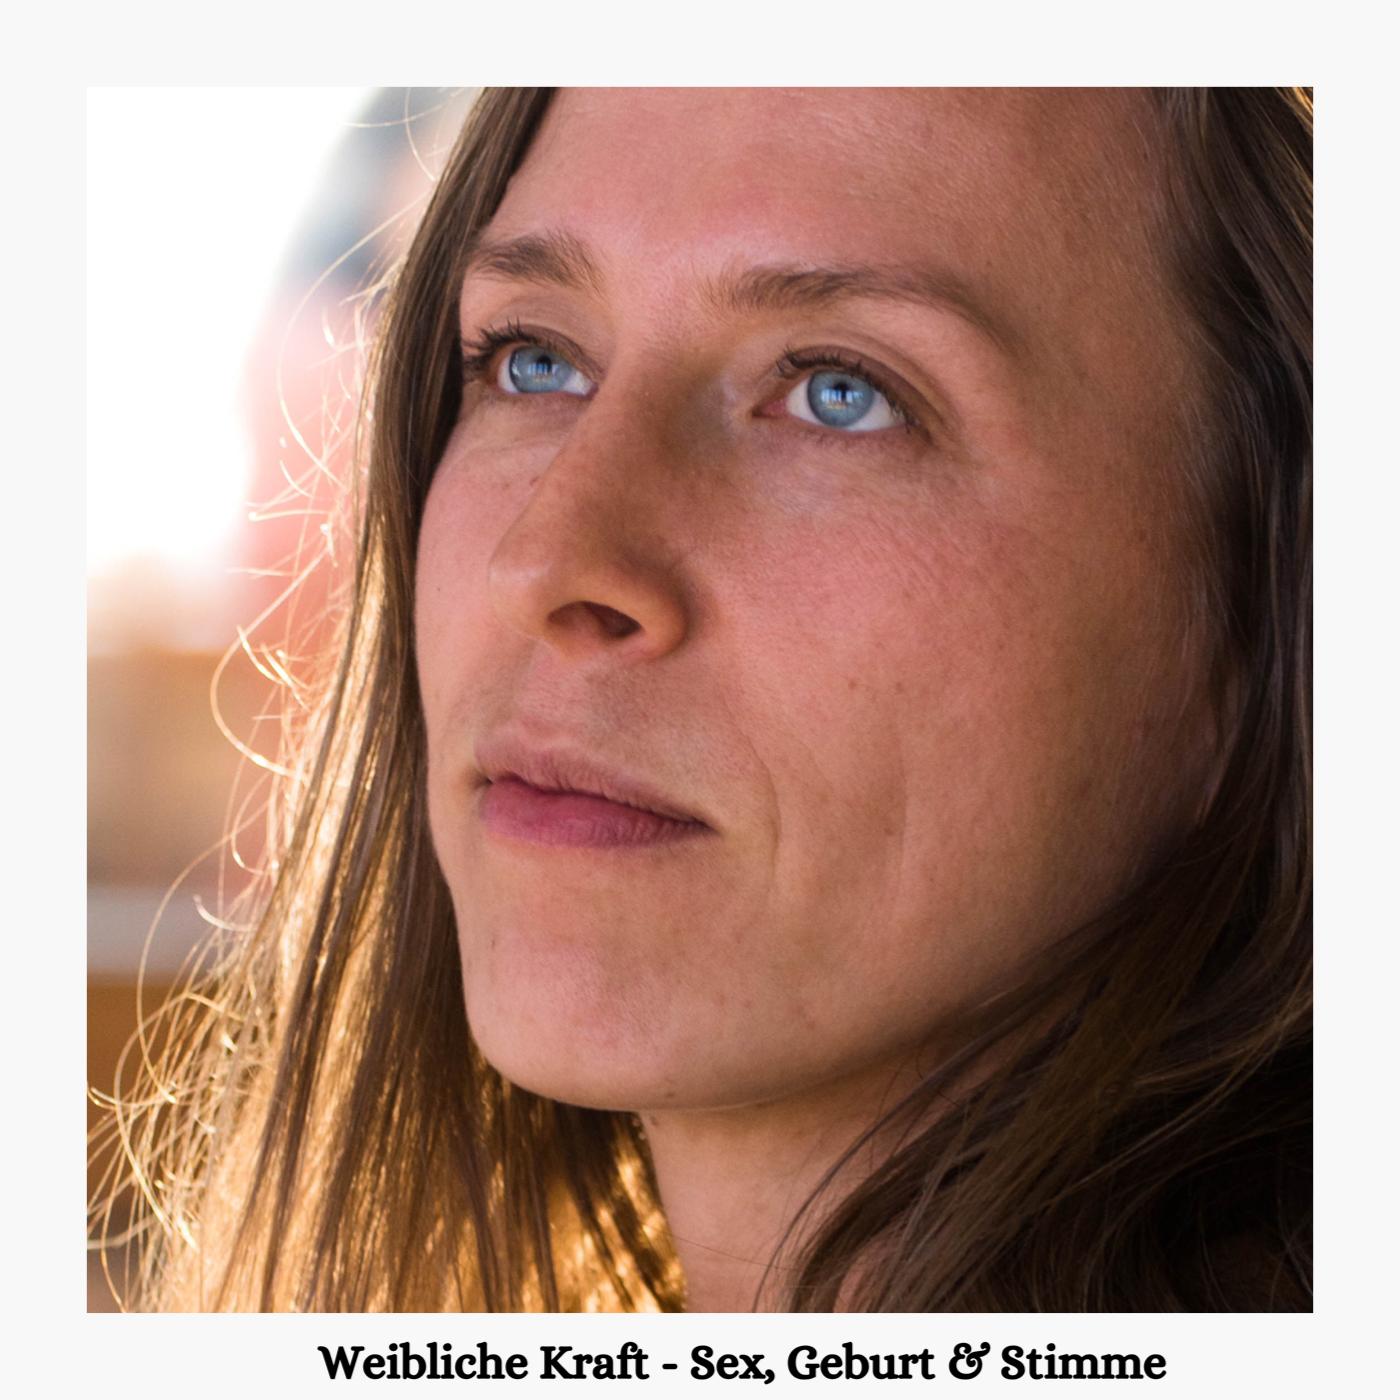 Weibliche Kraft - Sex, Stimme und Geburt - mit NIkola Binn 1